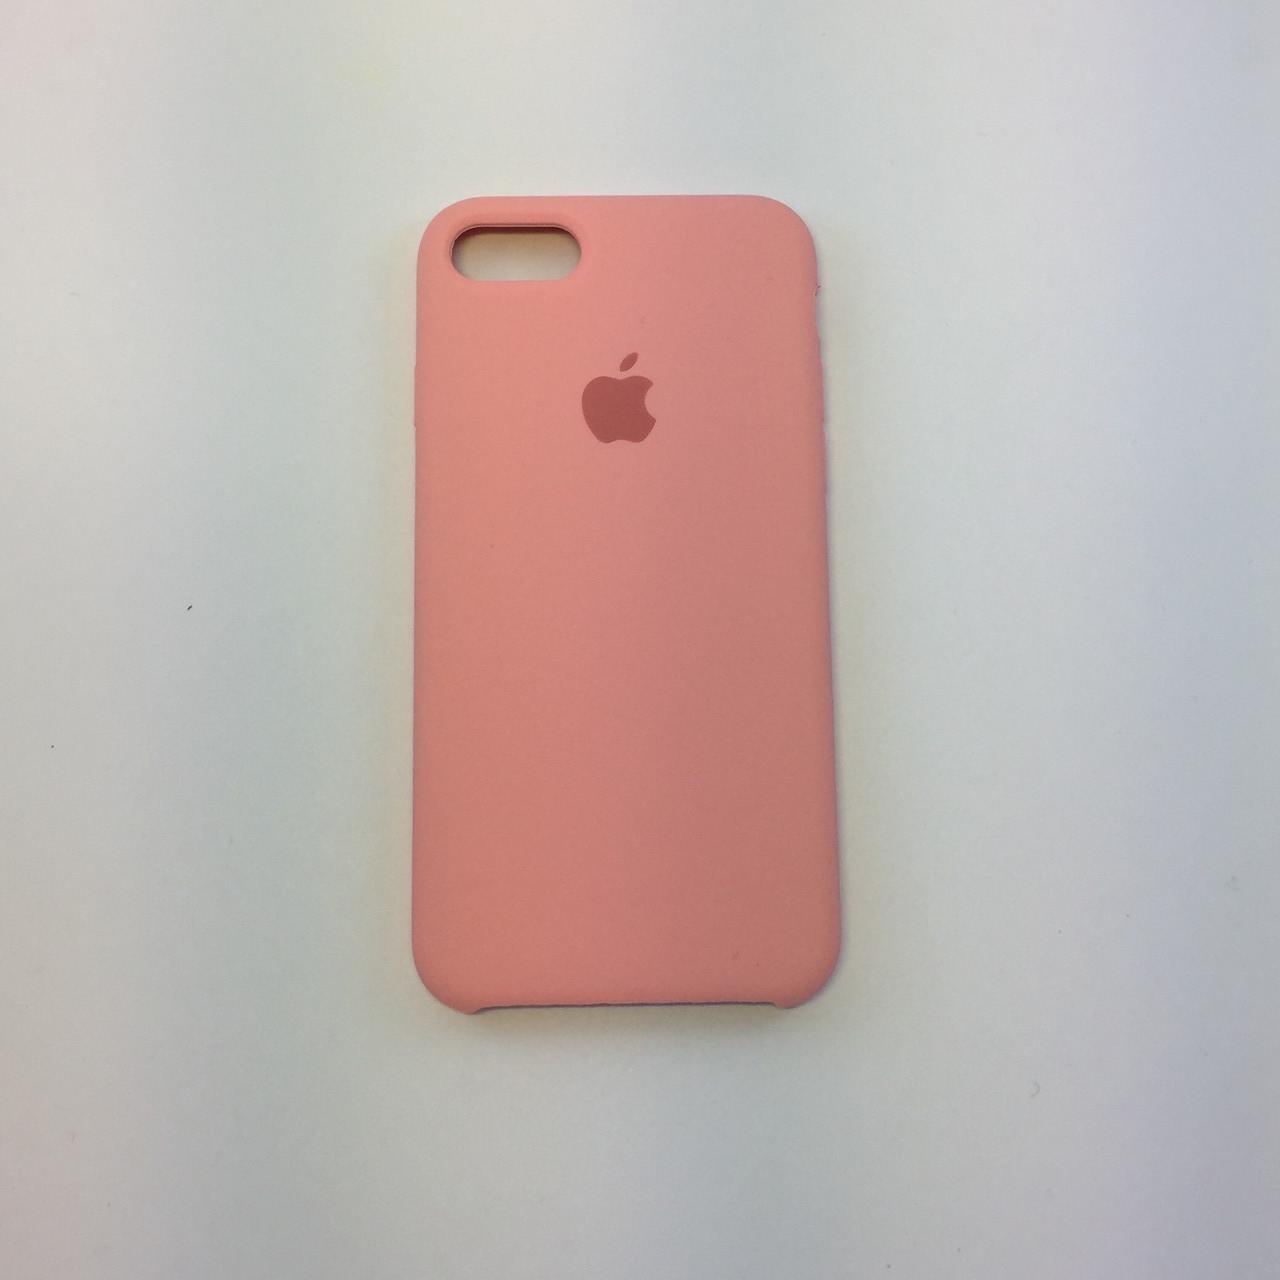 Силиконовый чехол для iPhone 7, - «нежно-розовый» - copy original